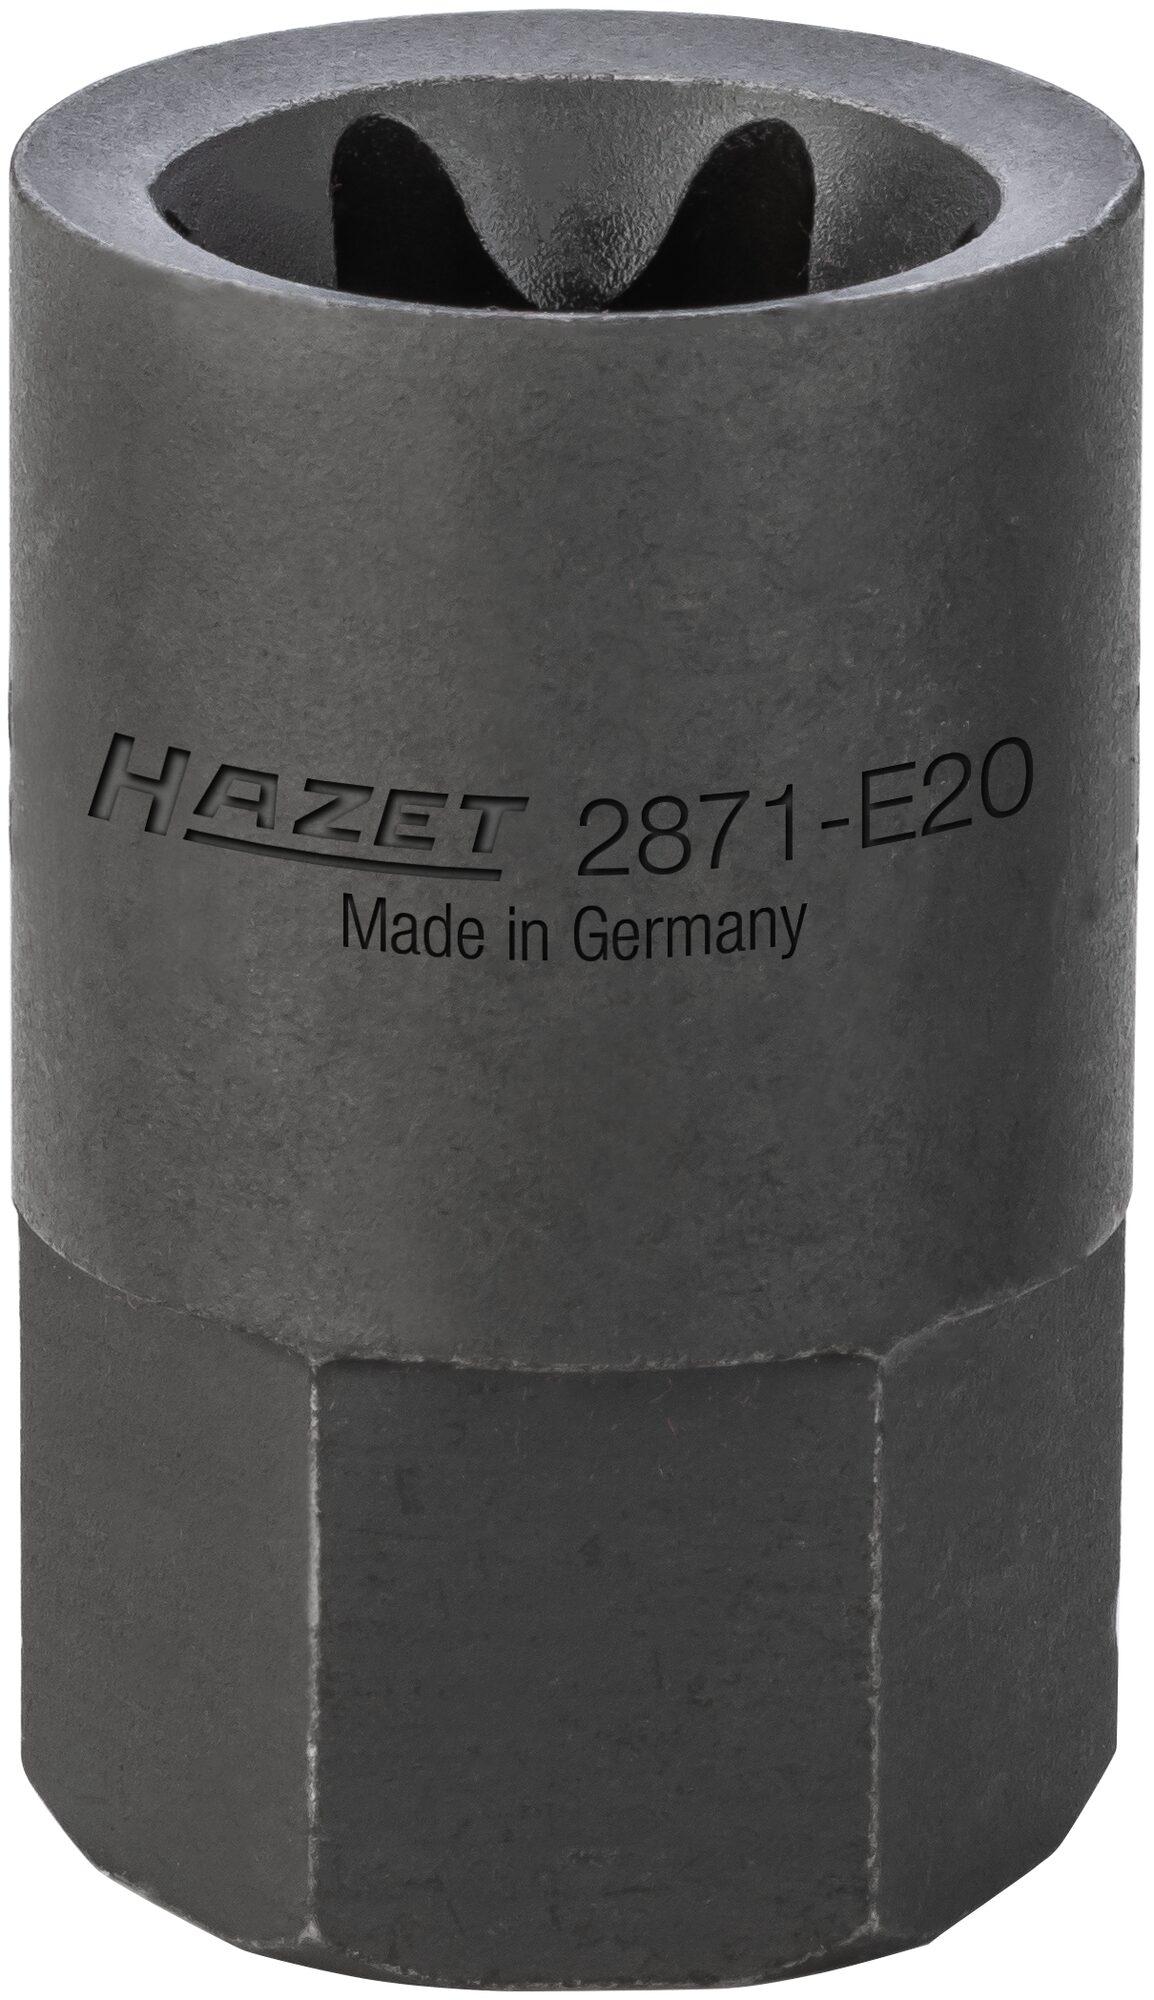 HAZET Bremssattel TORX® Einsatz 2871-E20 ∙ Außen-Sechskant 22 mm ∙ Außen TORX® Profil ∙ E20